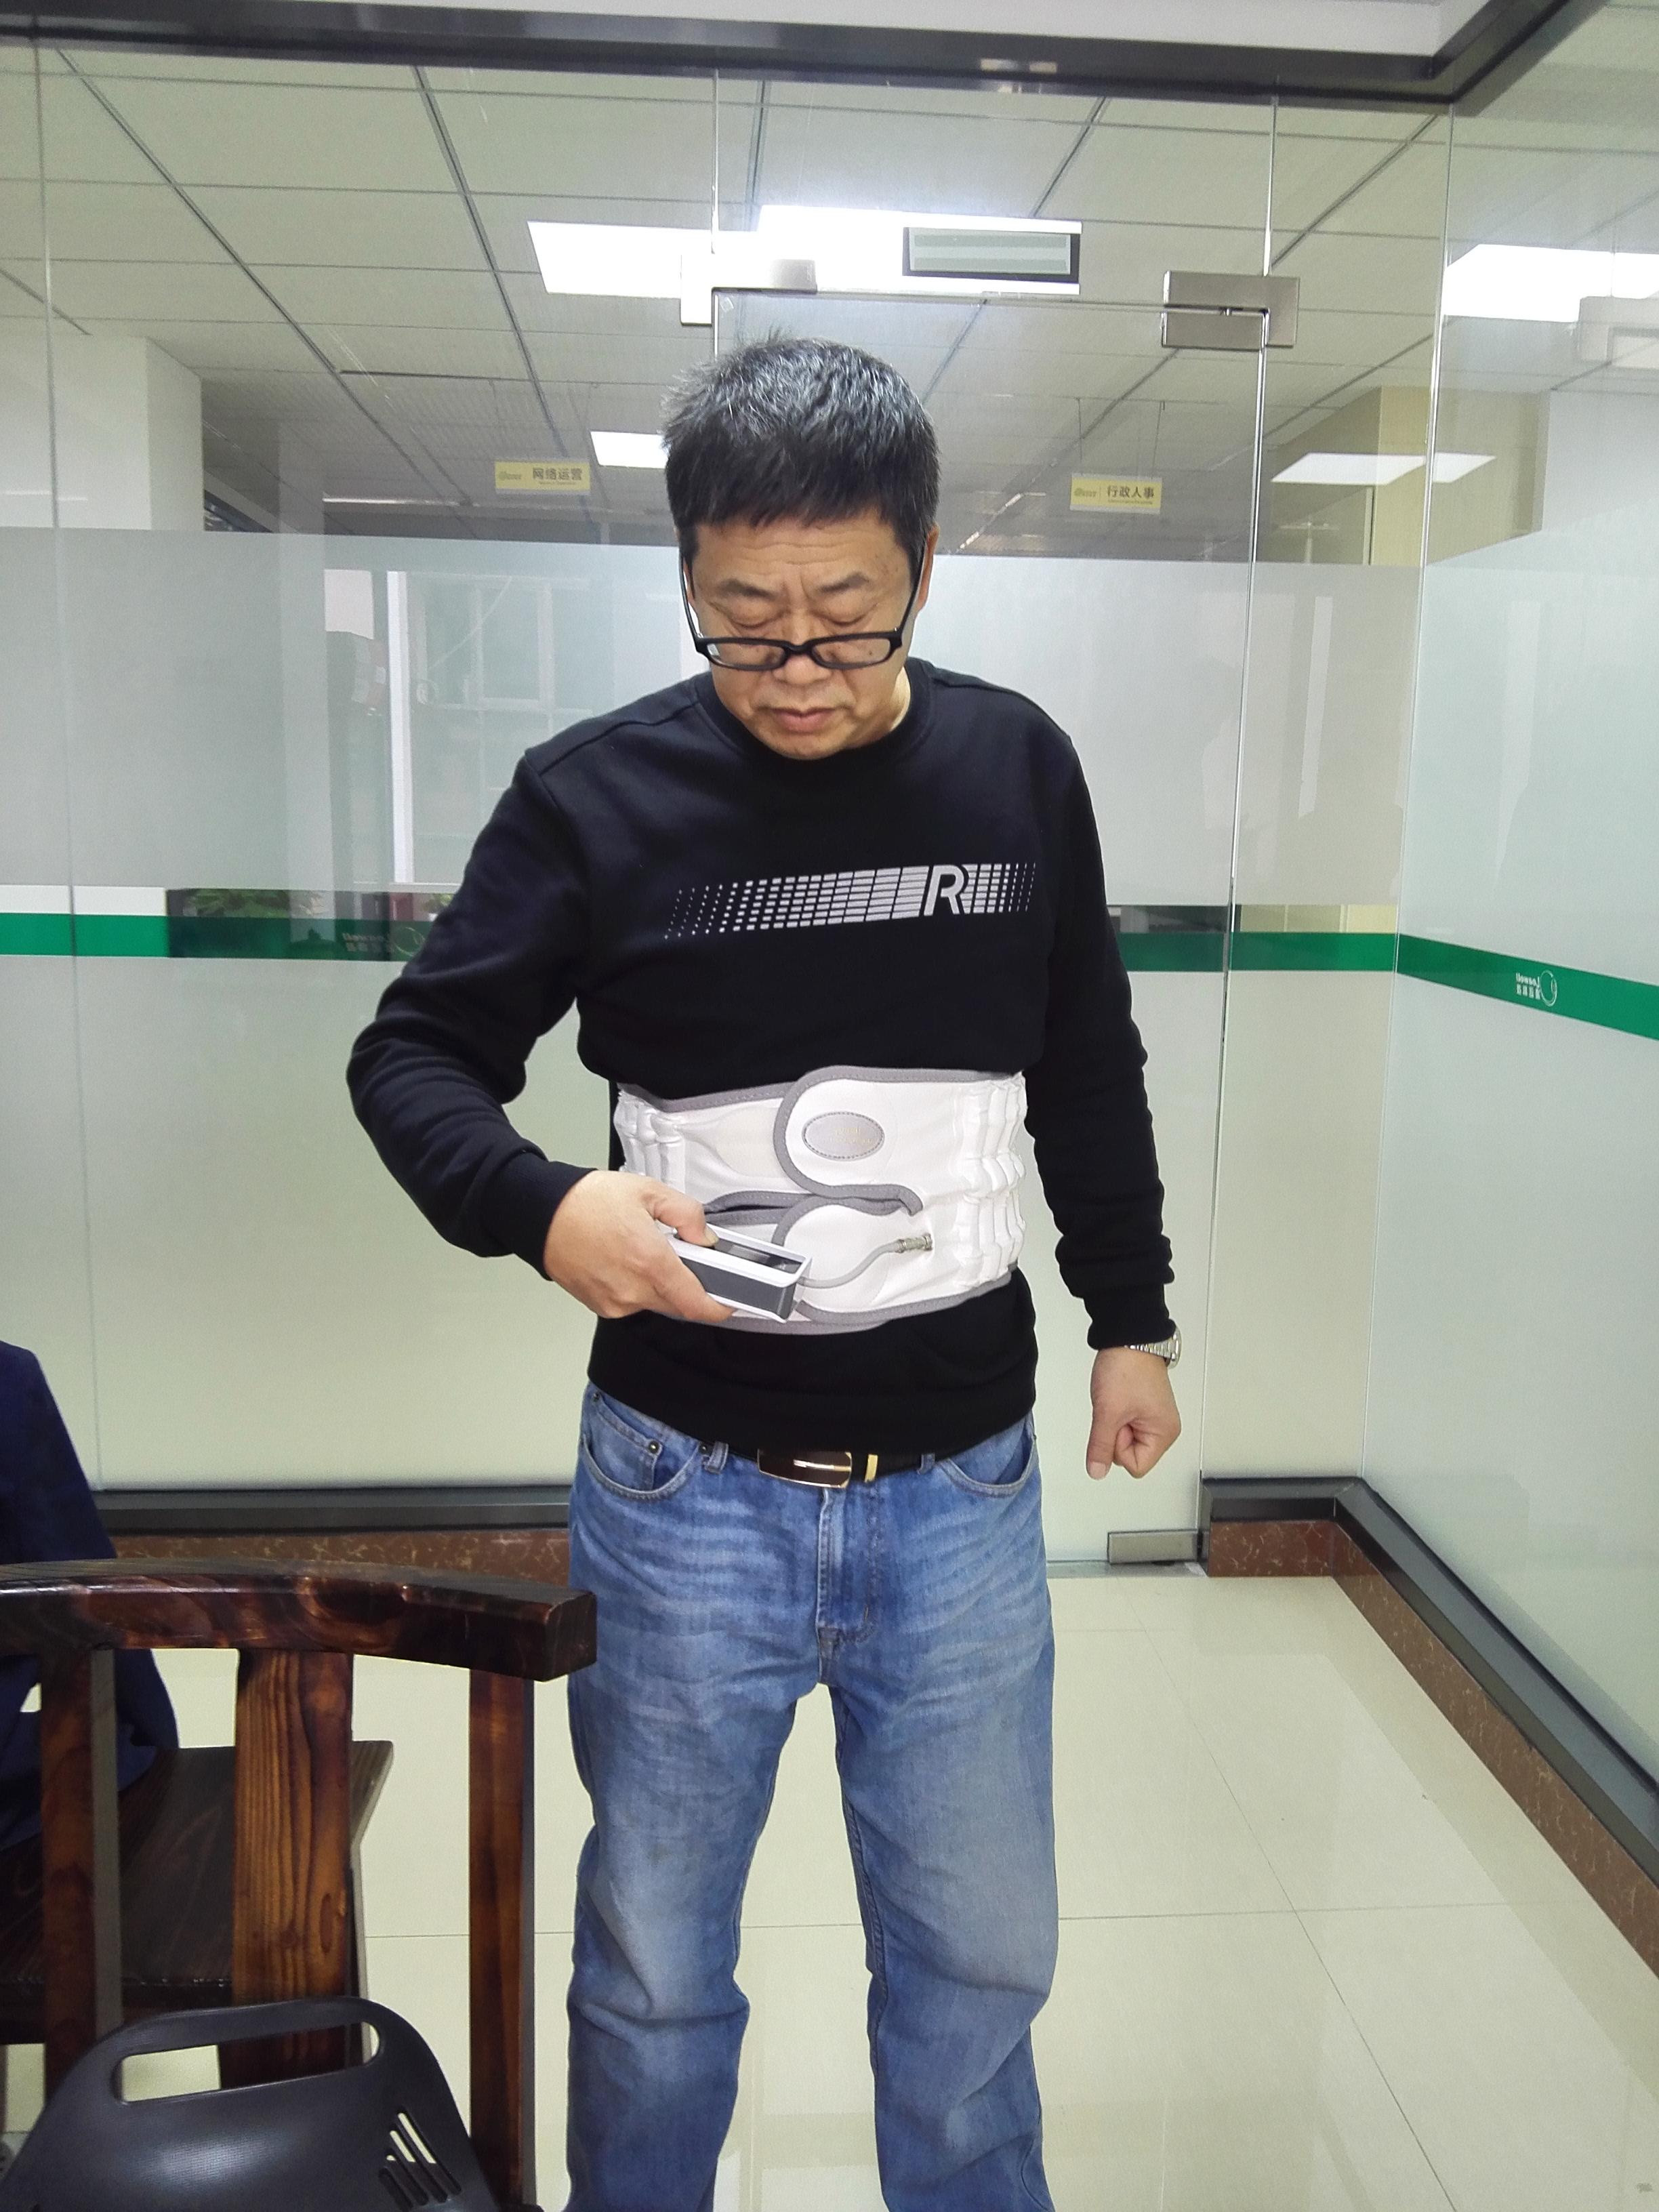 贵州李总到访凌远